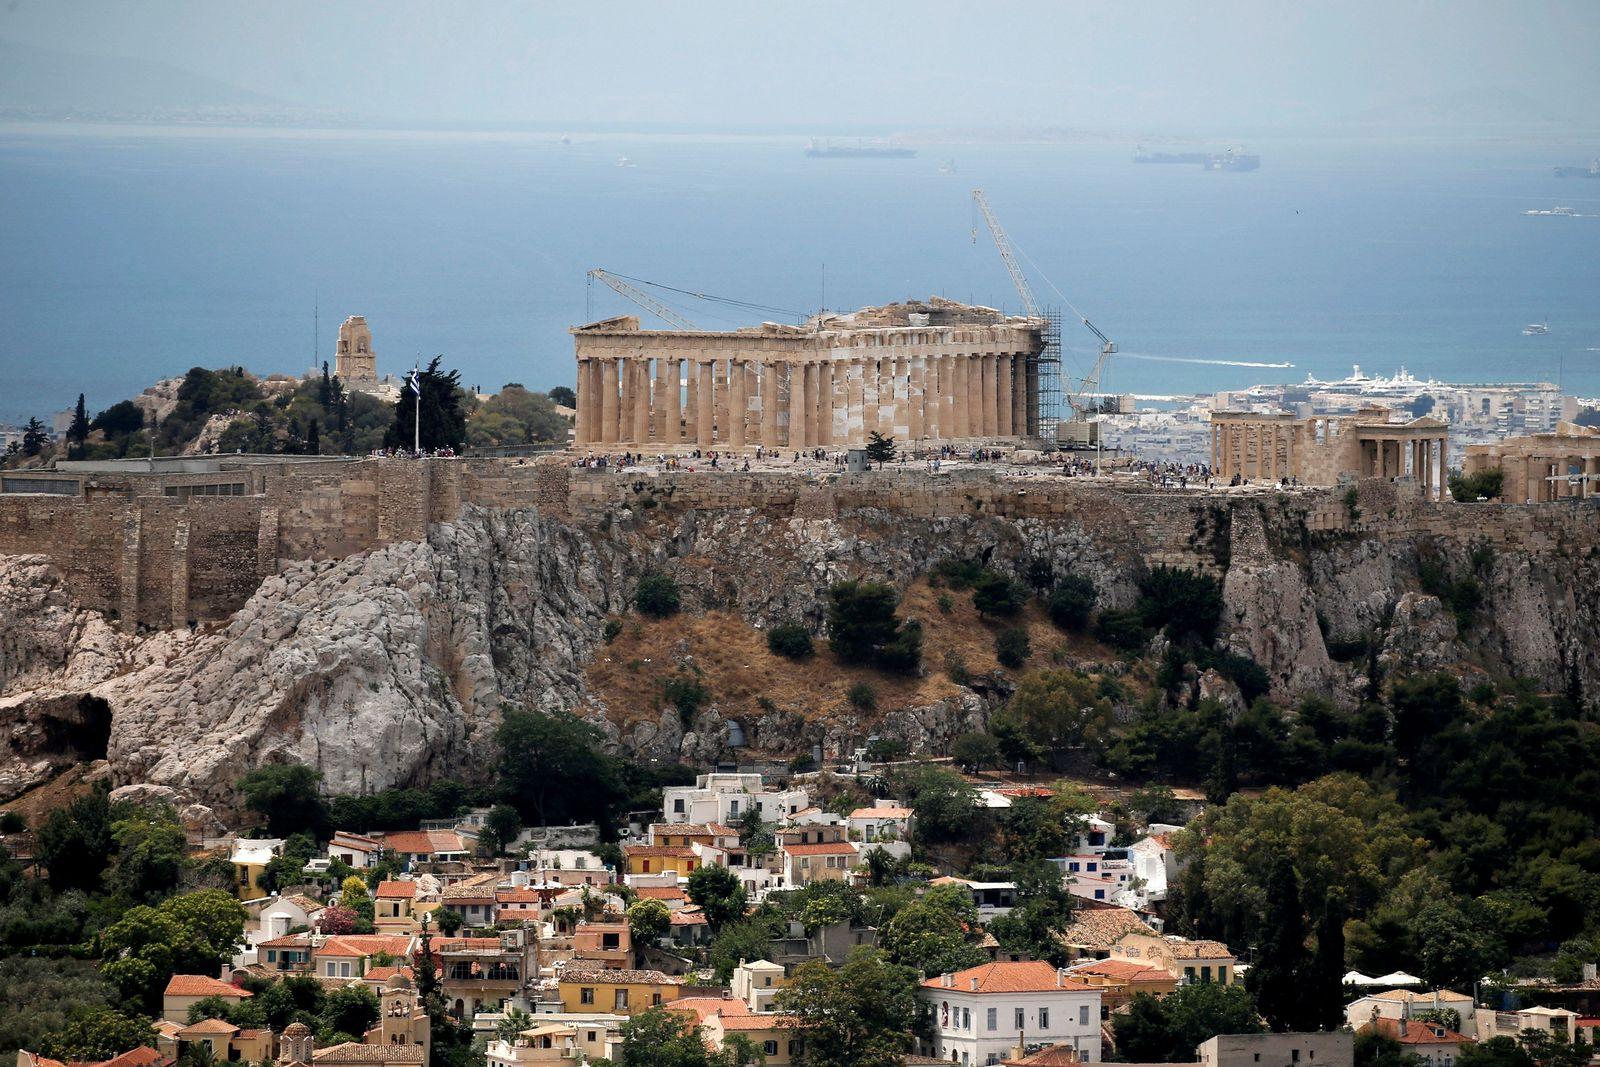 GREECE-TOURISM/